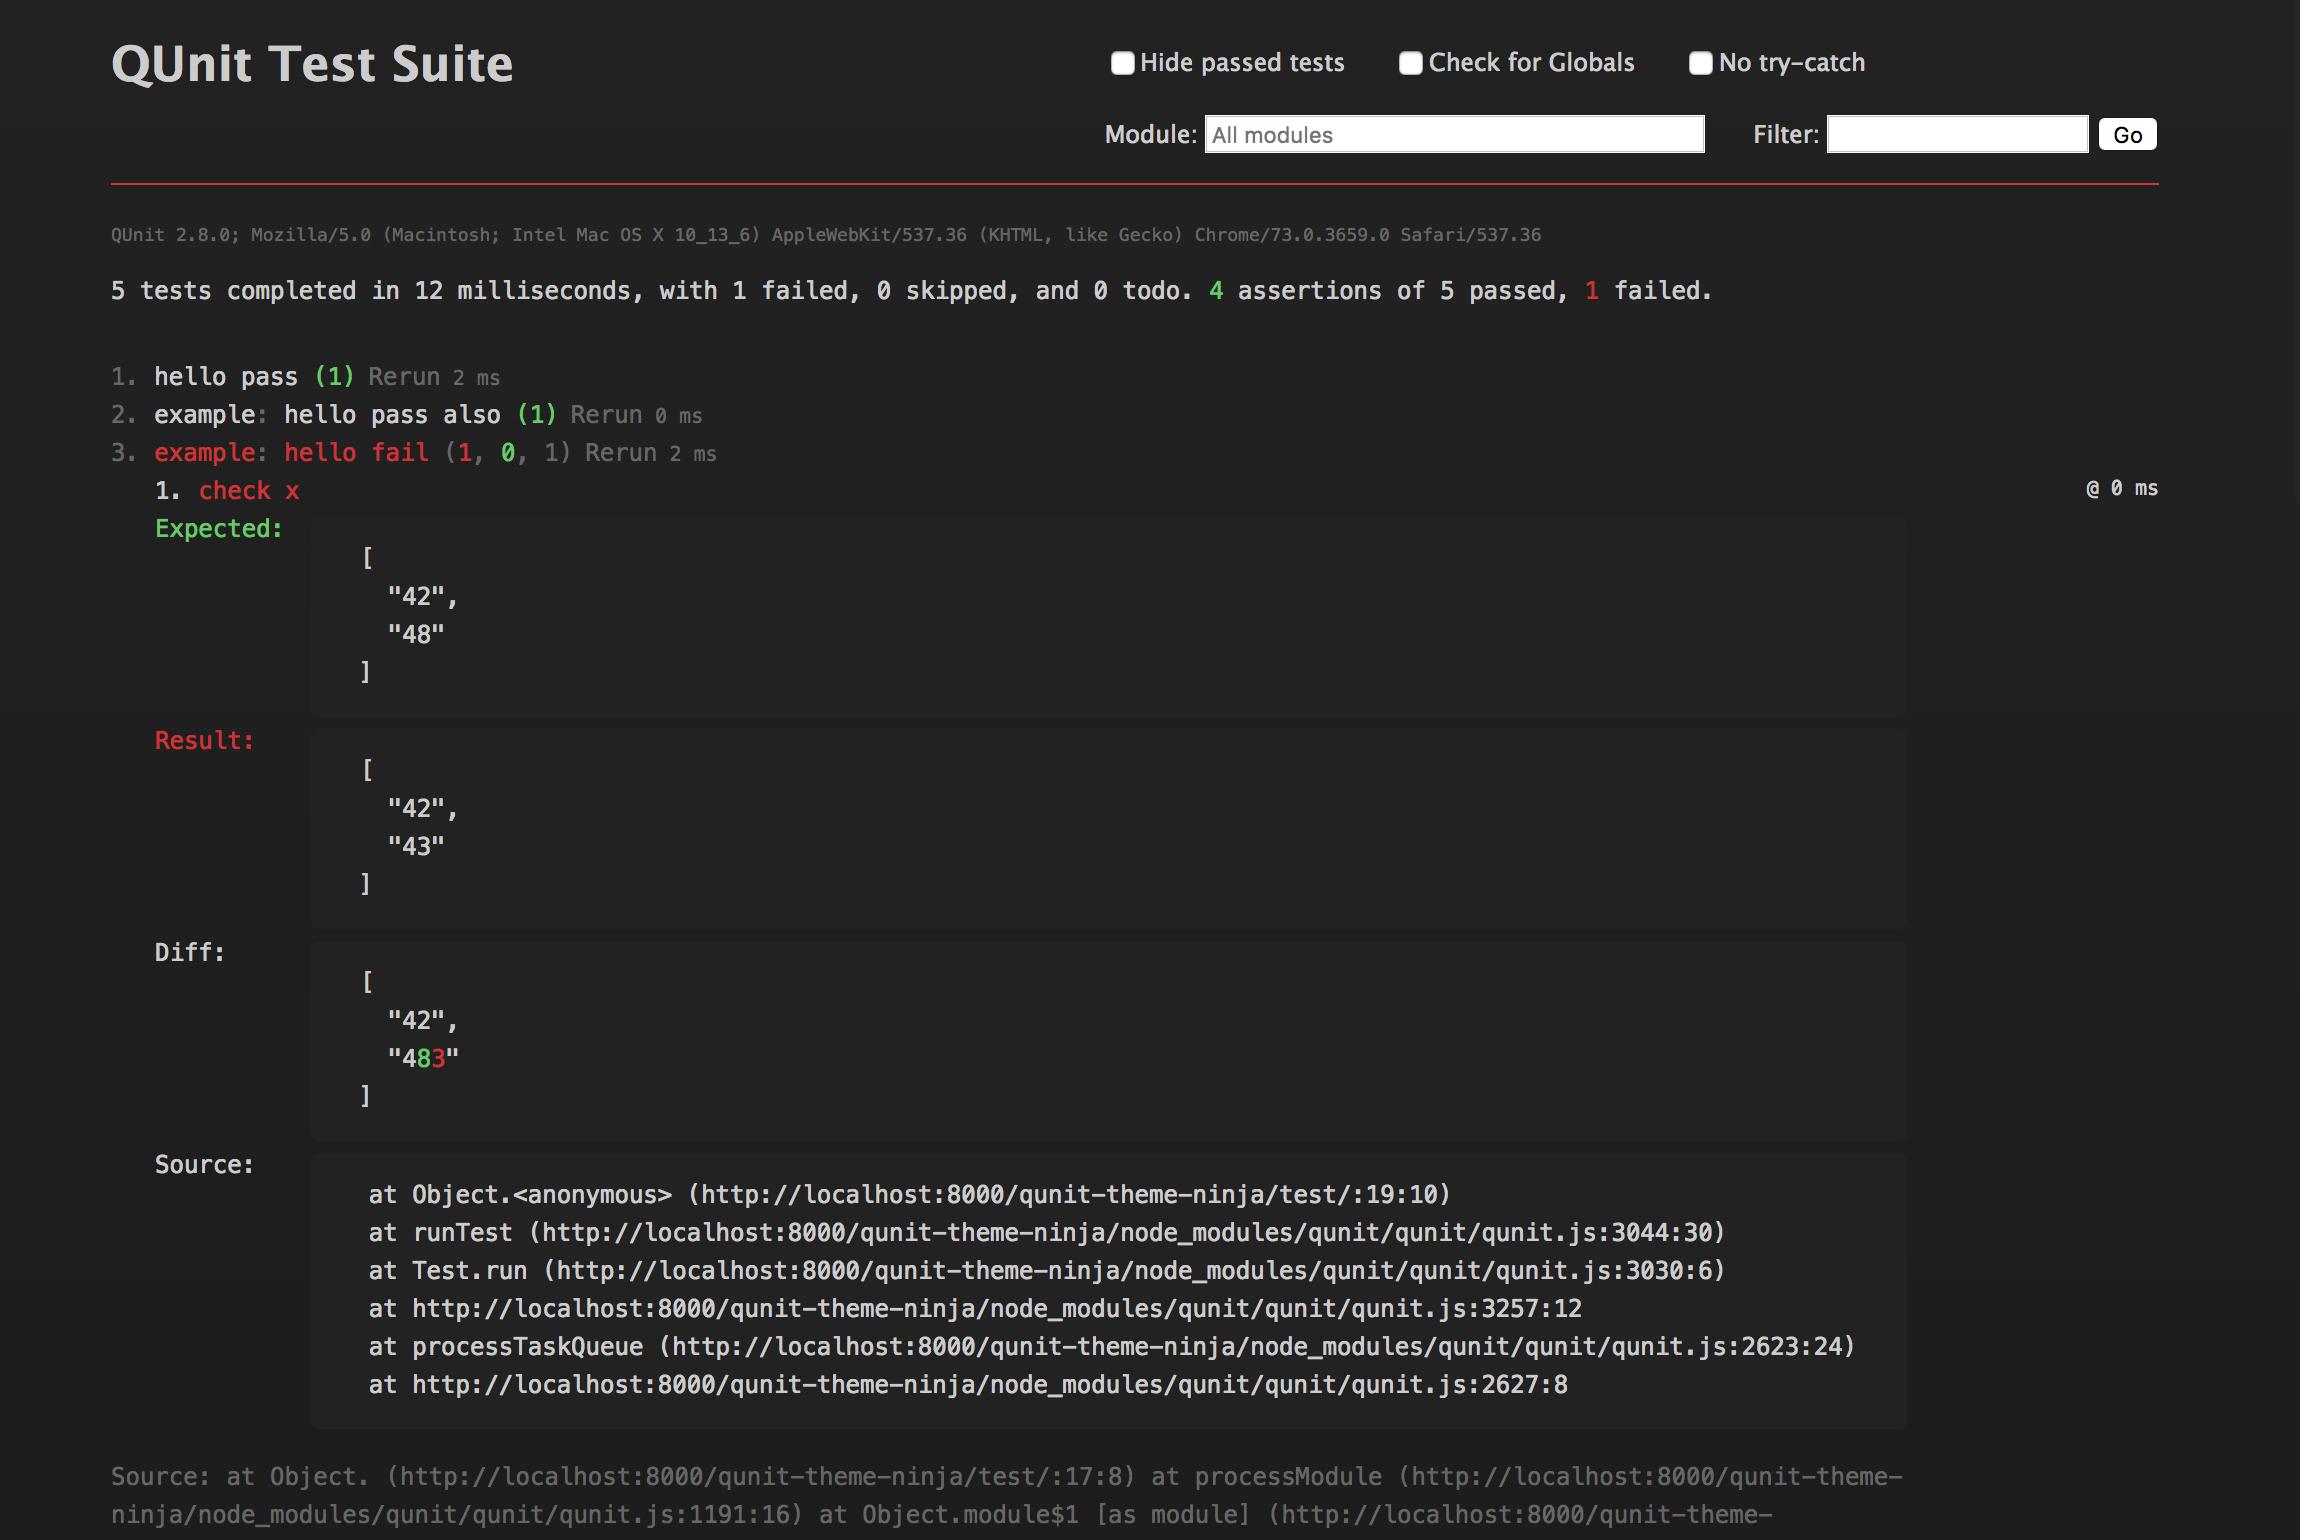 Screenshot of v2.0.0, failing